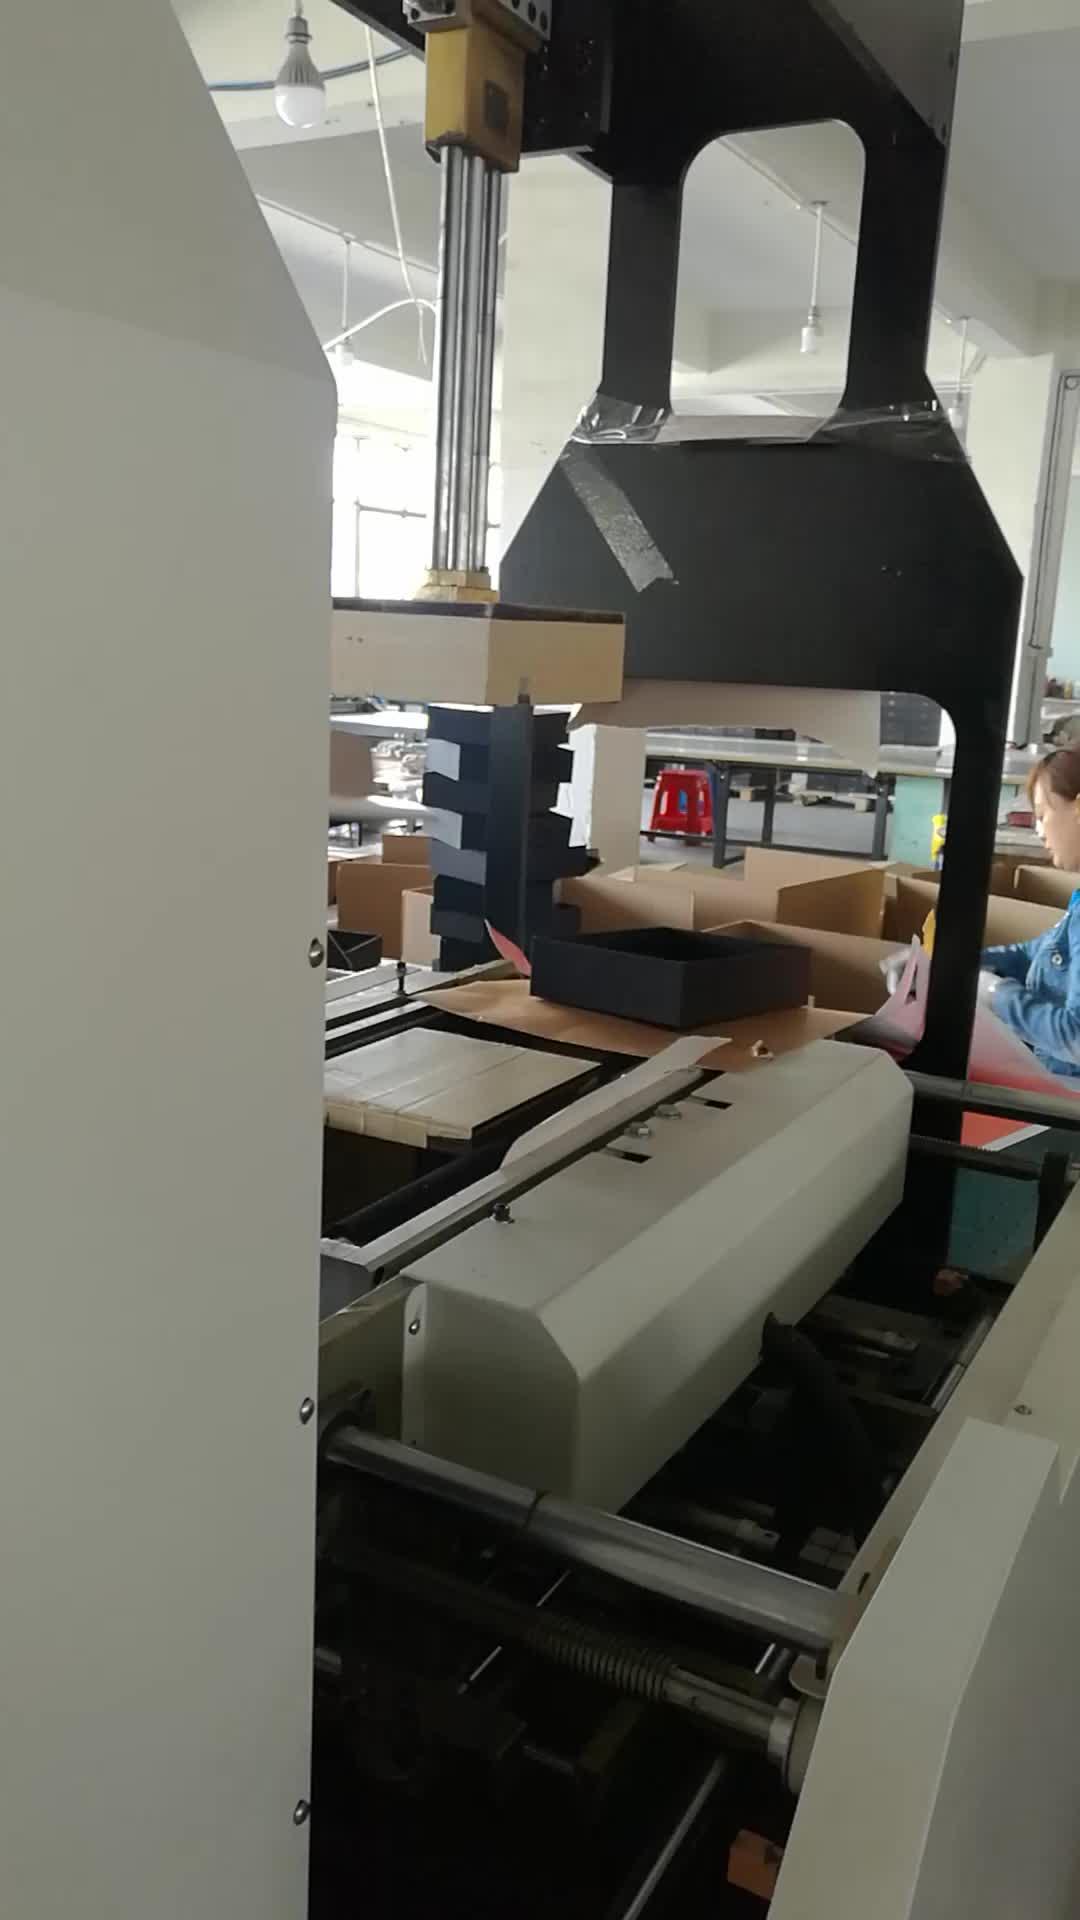 Occhiali su misura di disegno di bordo chip di 2 millimetri di spessore della parete scatole personalizzate bianco in nero di stampa